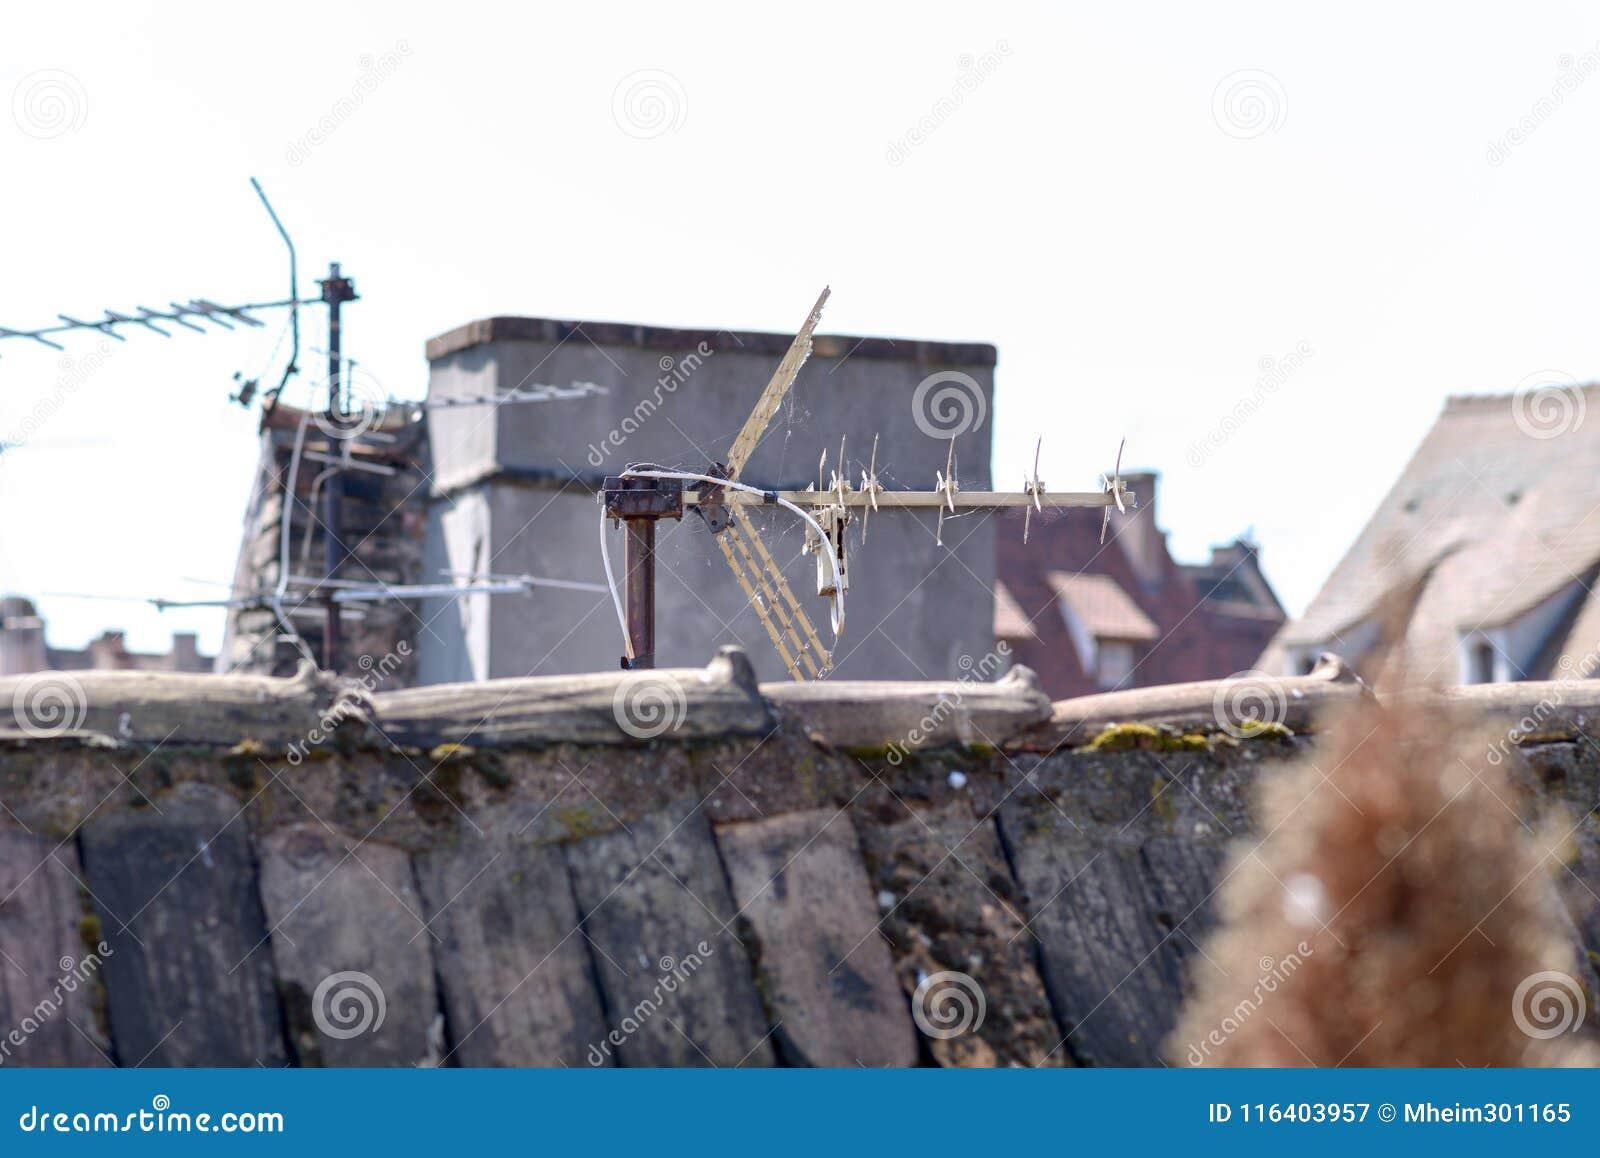 Dak communicatie antenne met spanningsverhoger